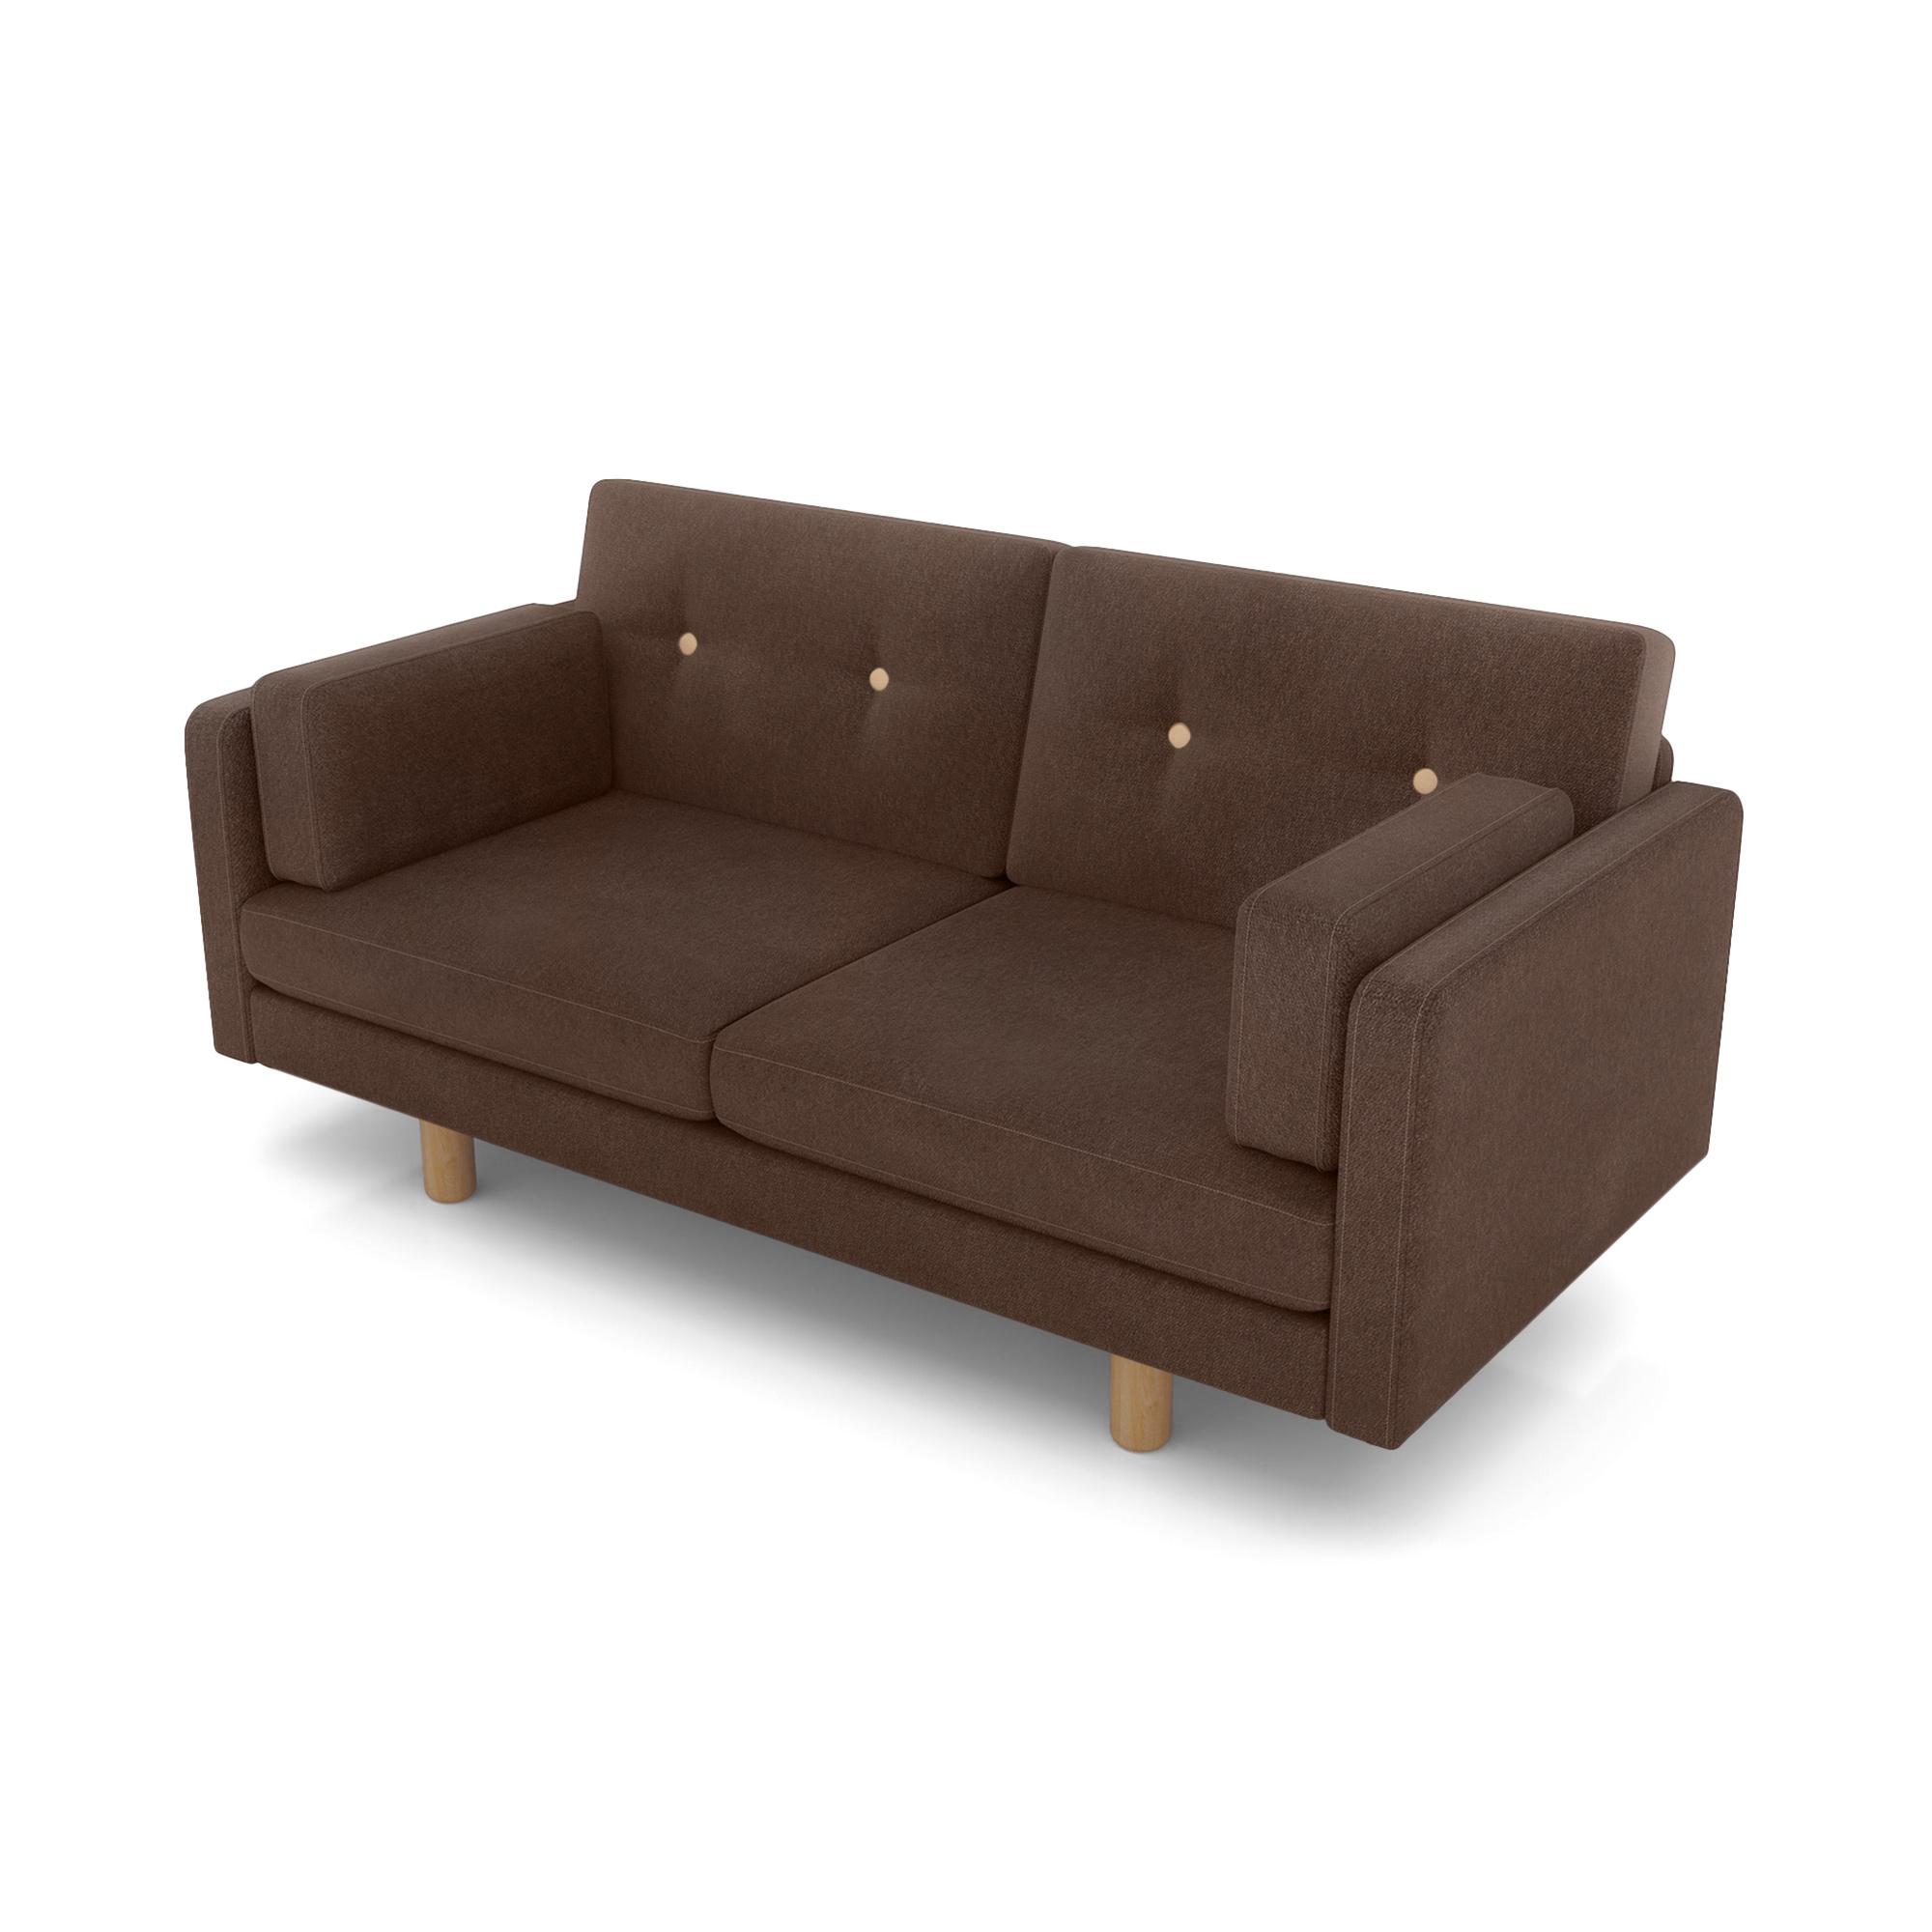 Фото - Диван AS Изабелла м 167x80x83 кофе диван as изабелла м 167x80x83 синий